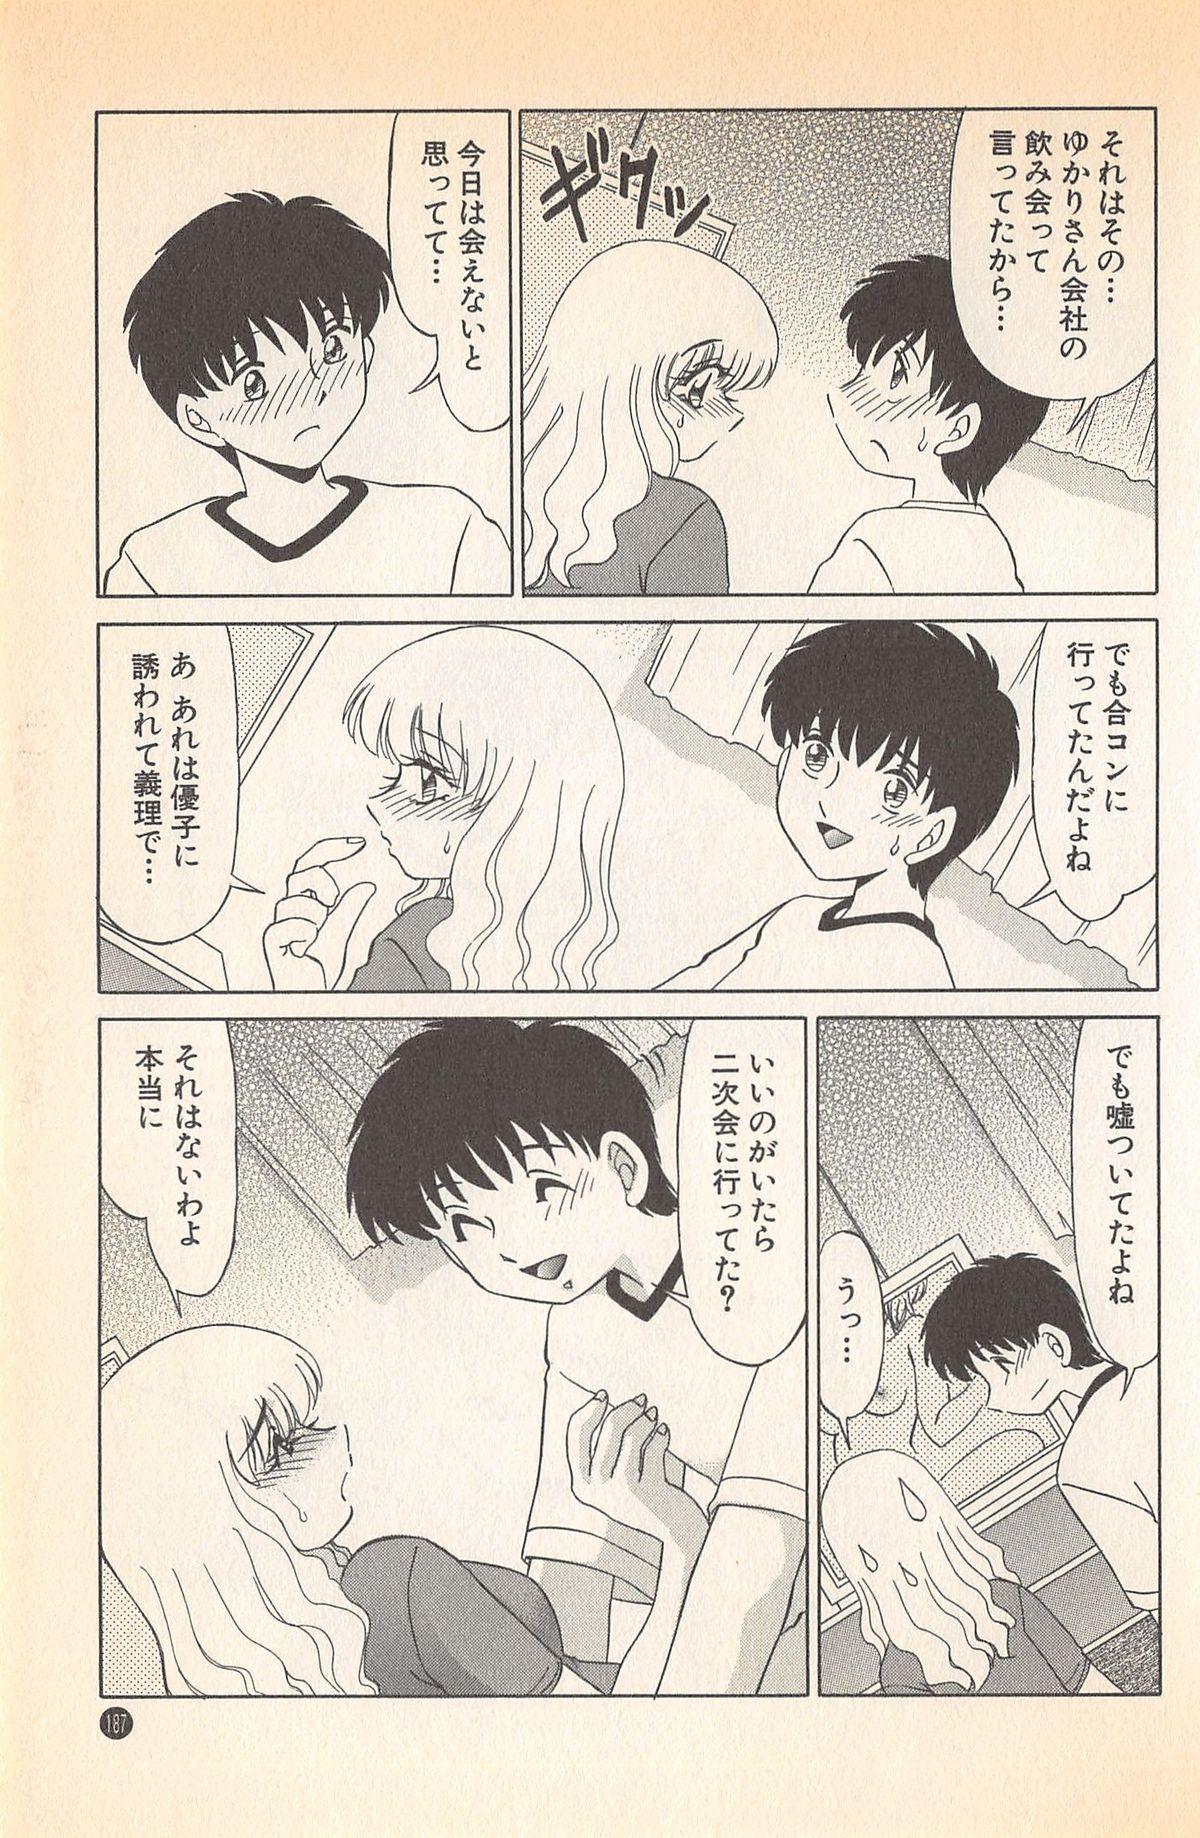 Doki Doki no Shikumi 188